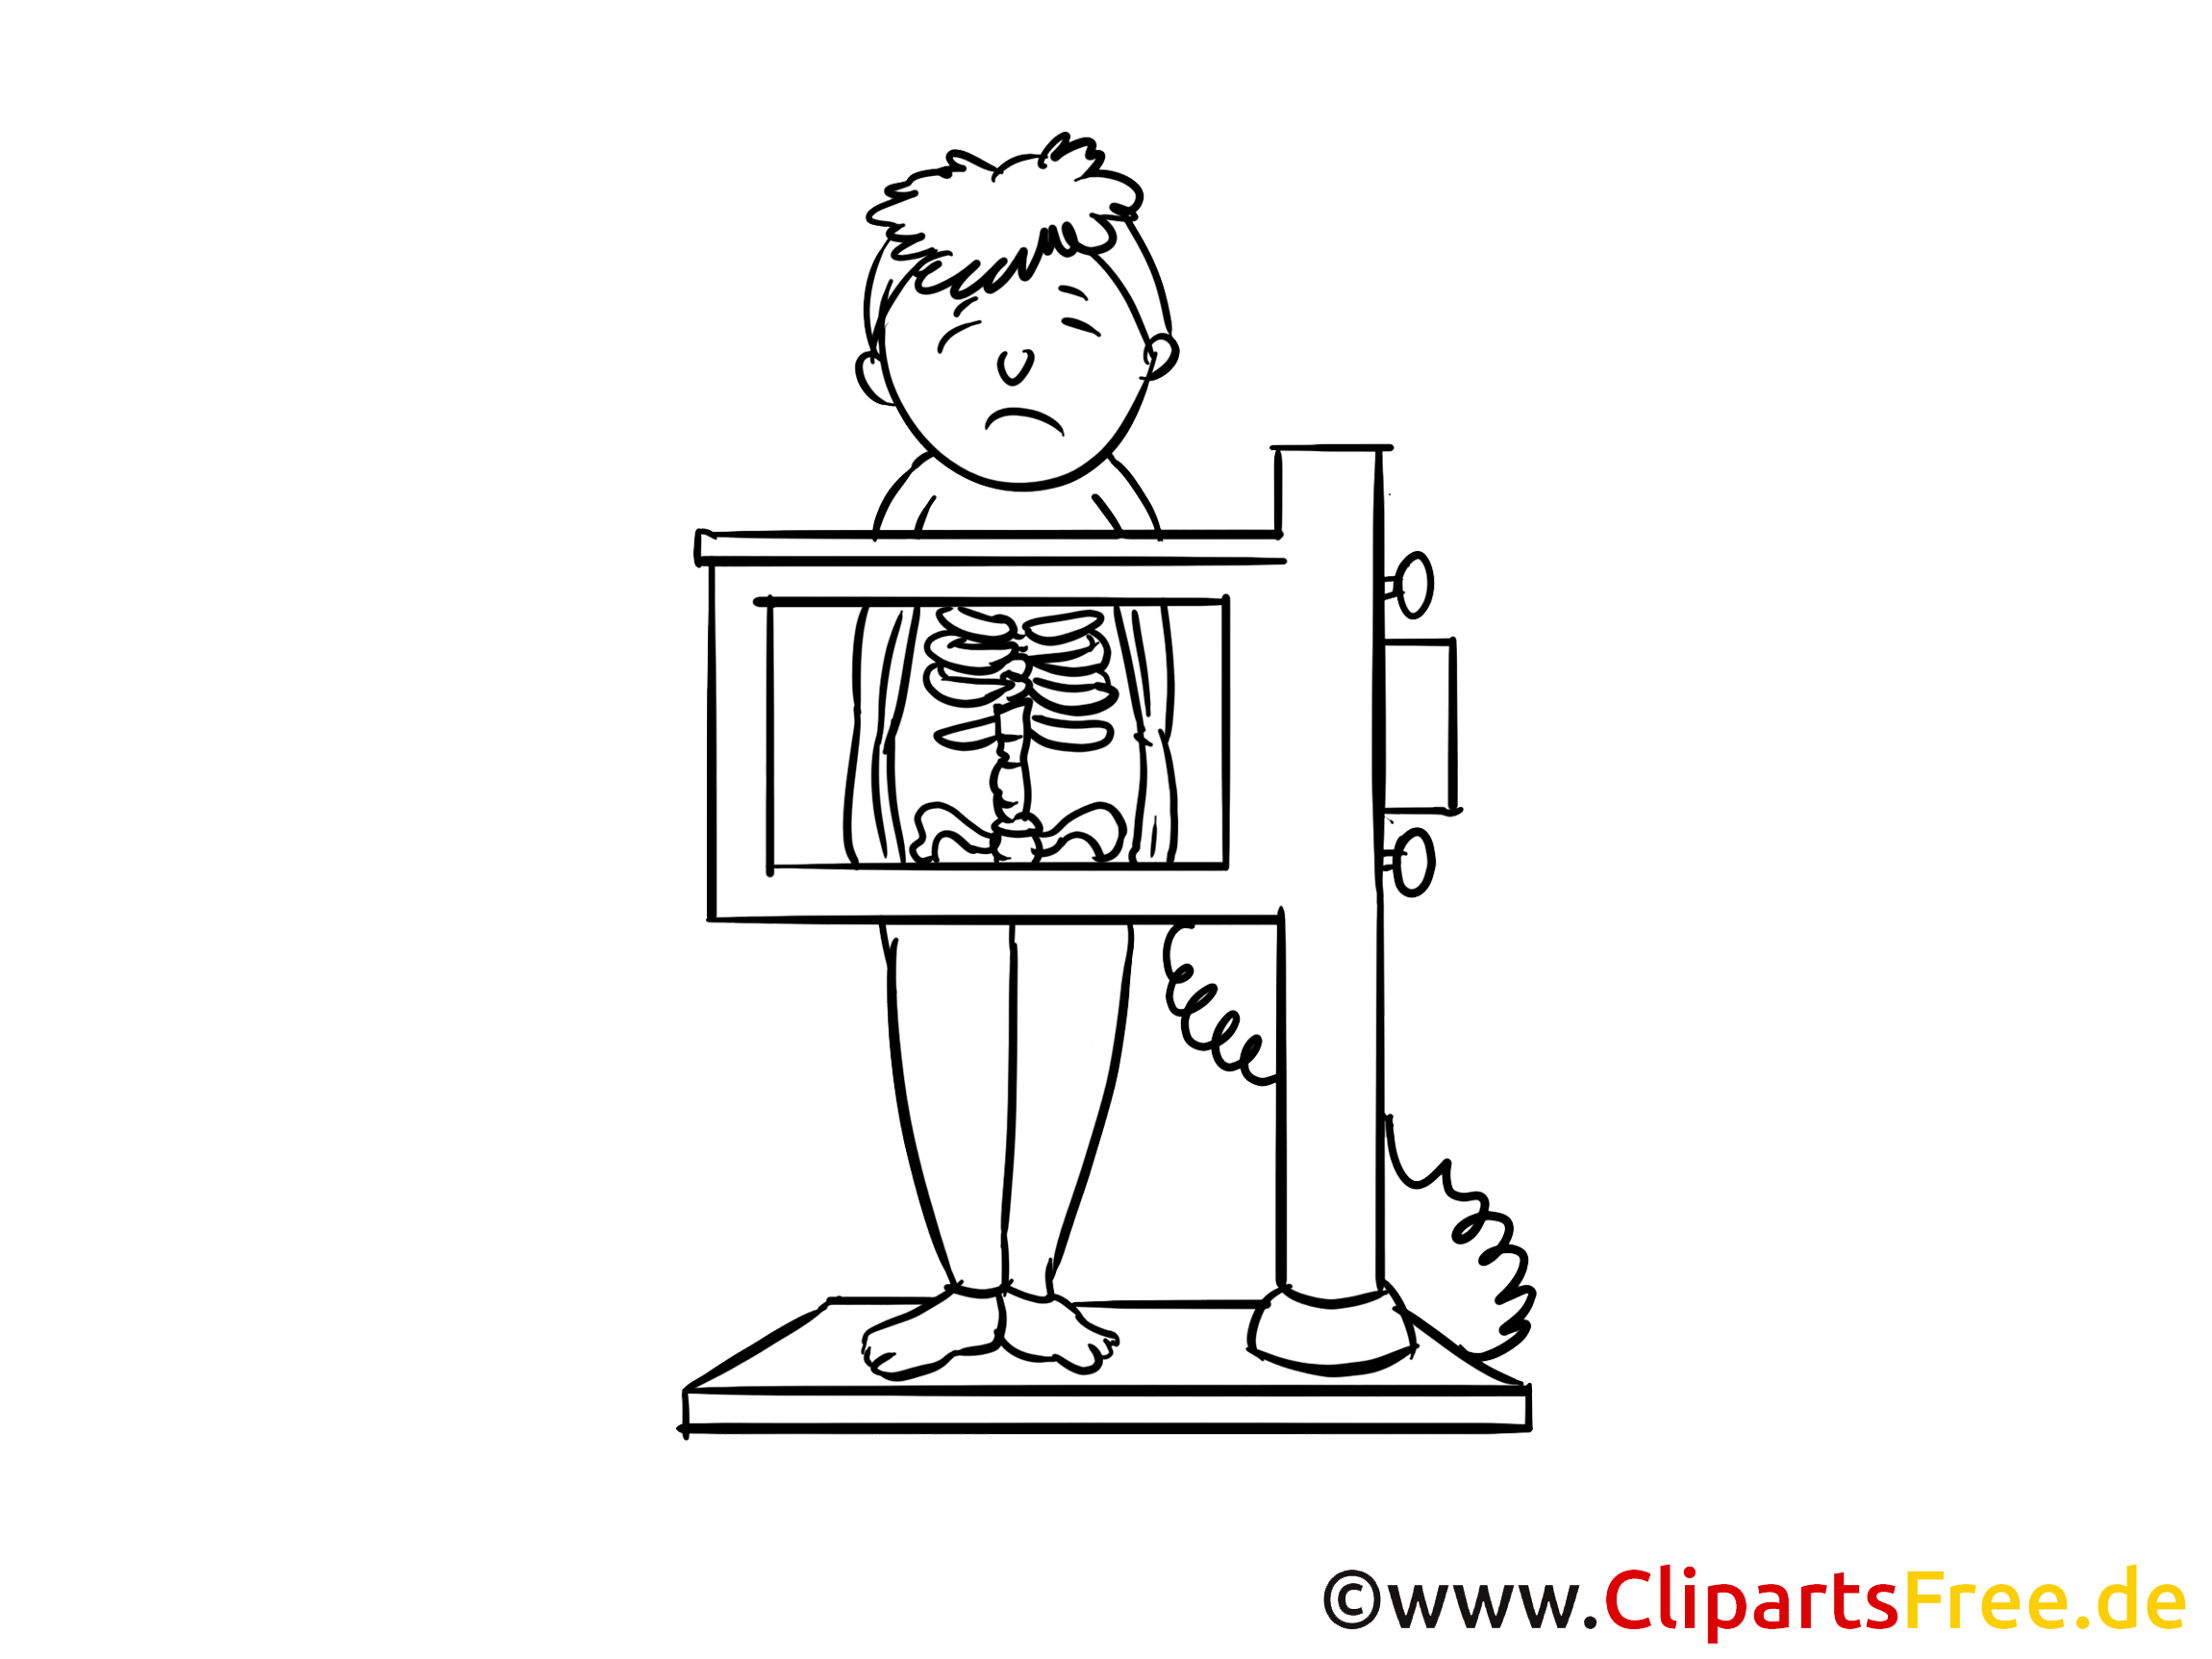 Rayons images à imprimer - Médecine dessins gratuits